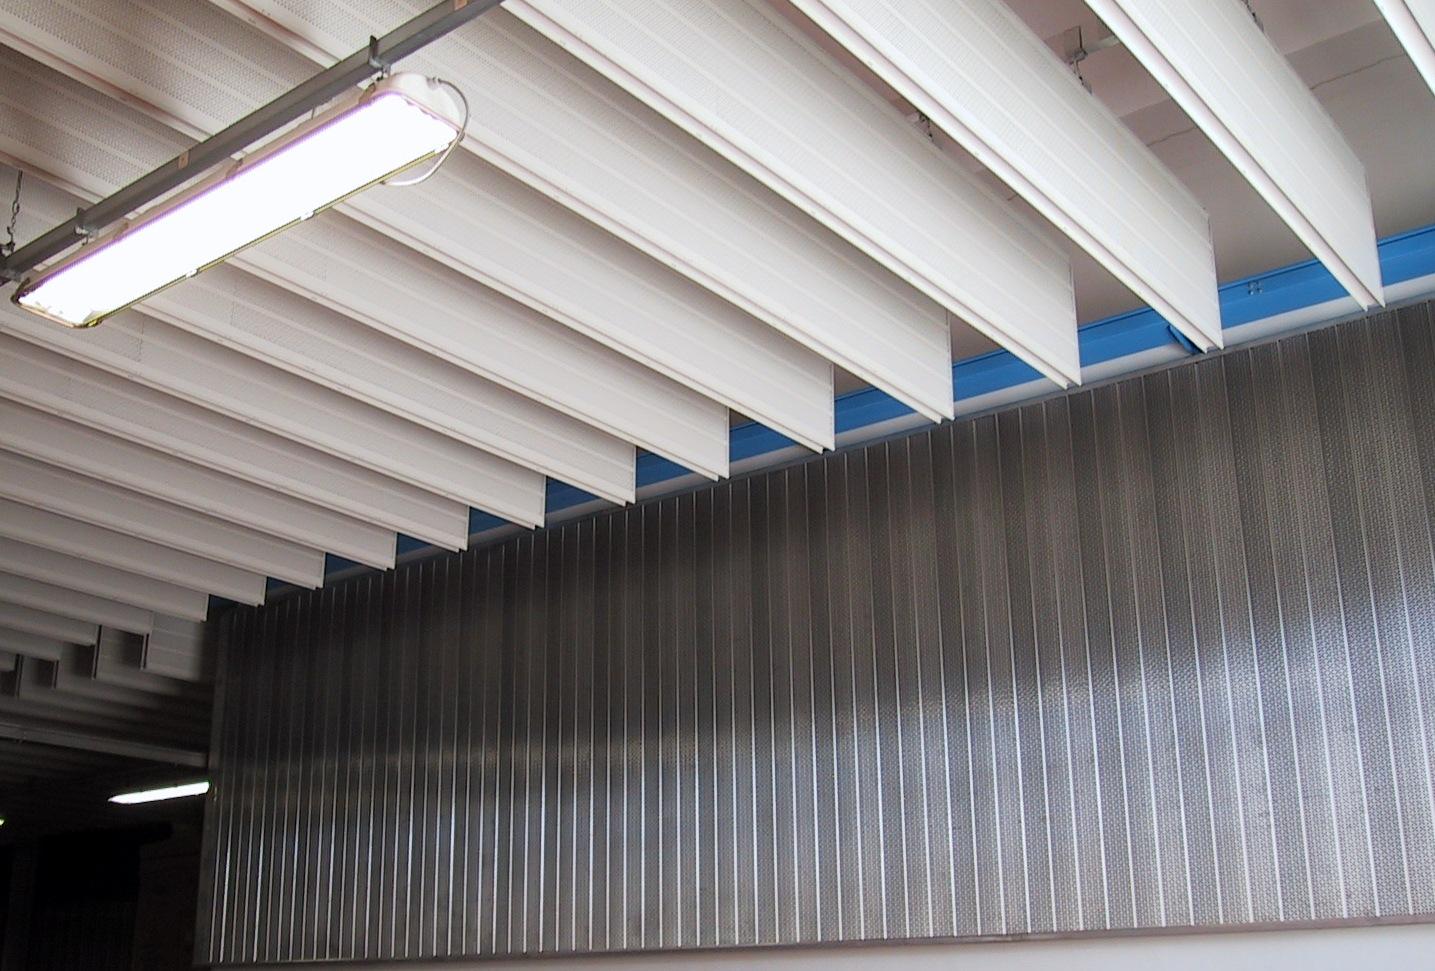 Plafond acoustique à baffles - traitement mural